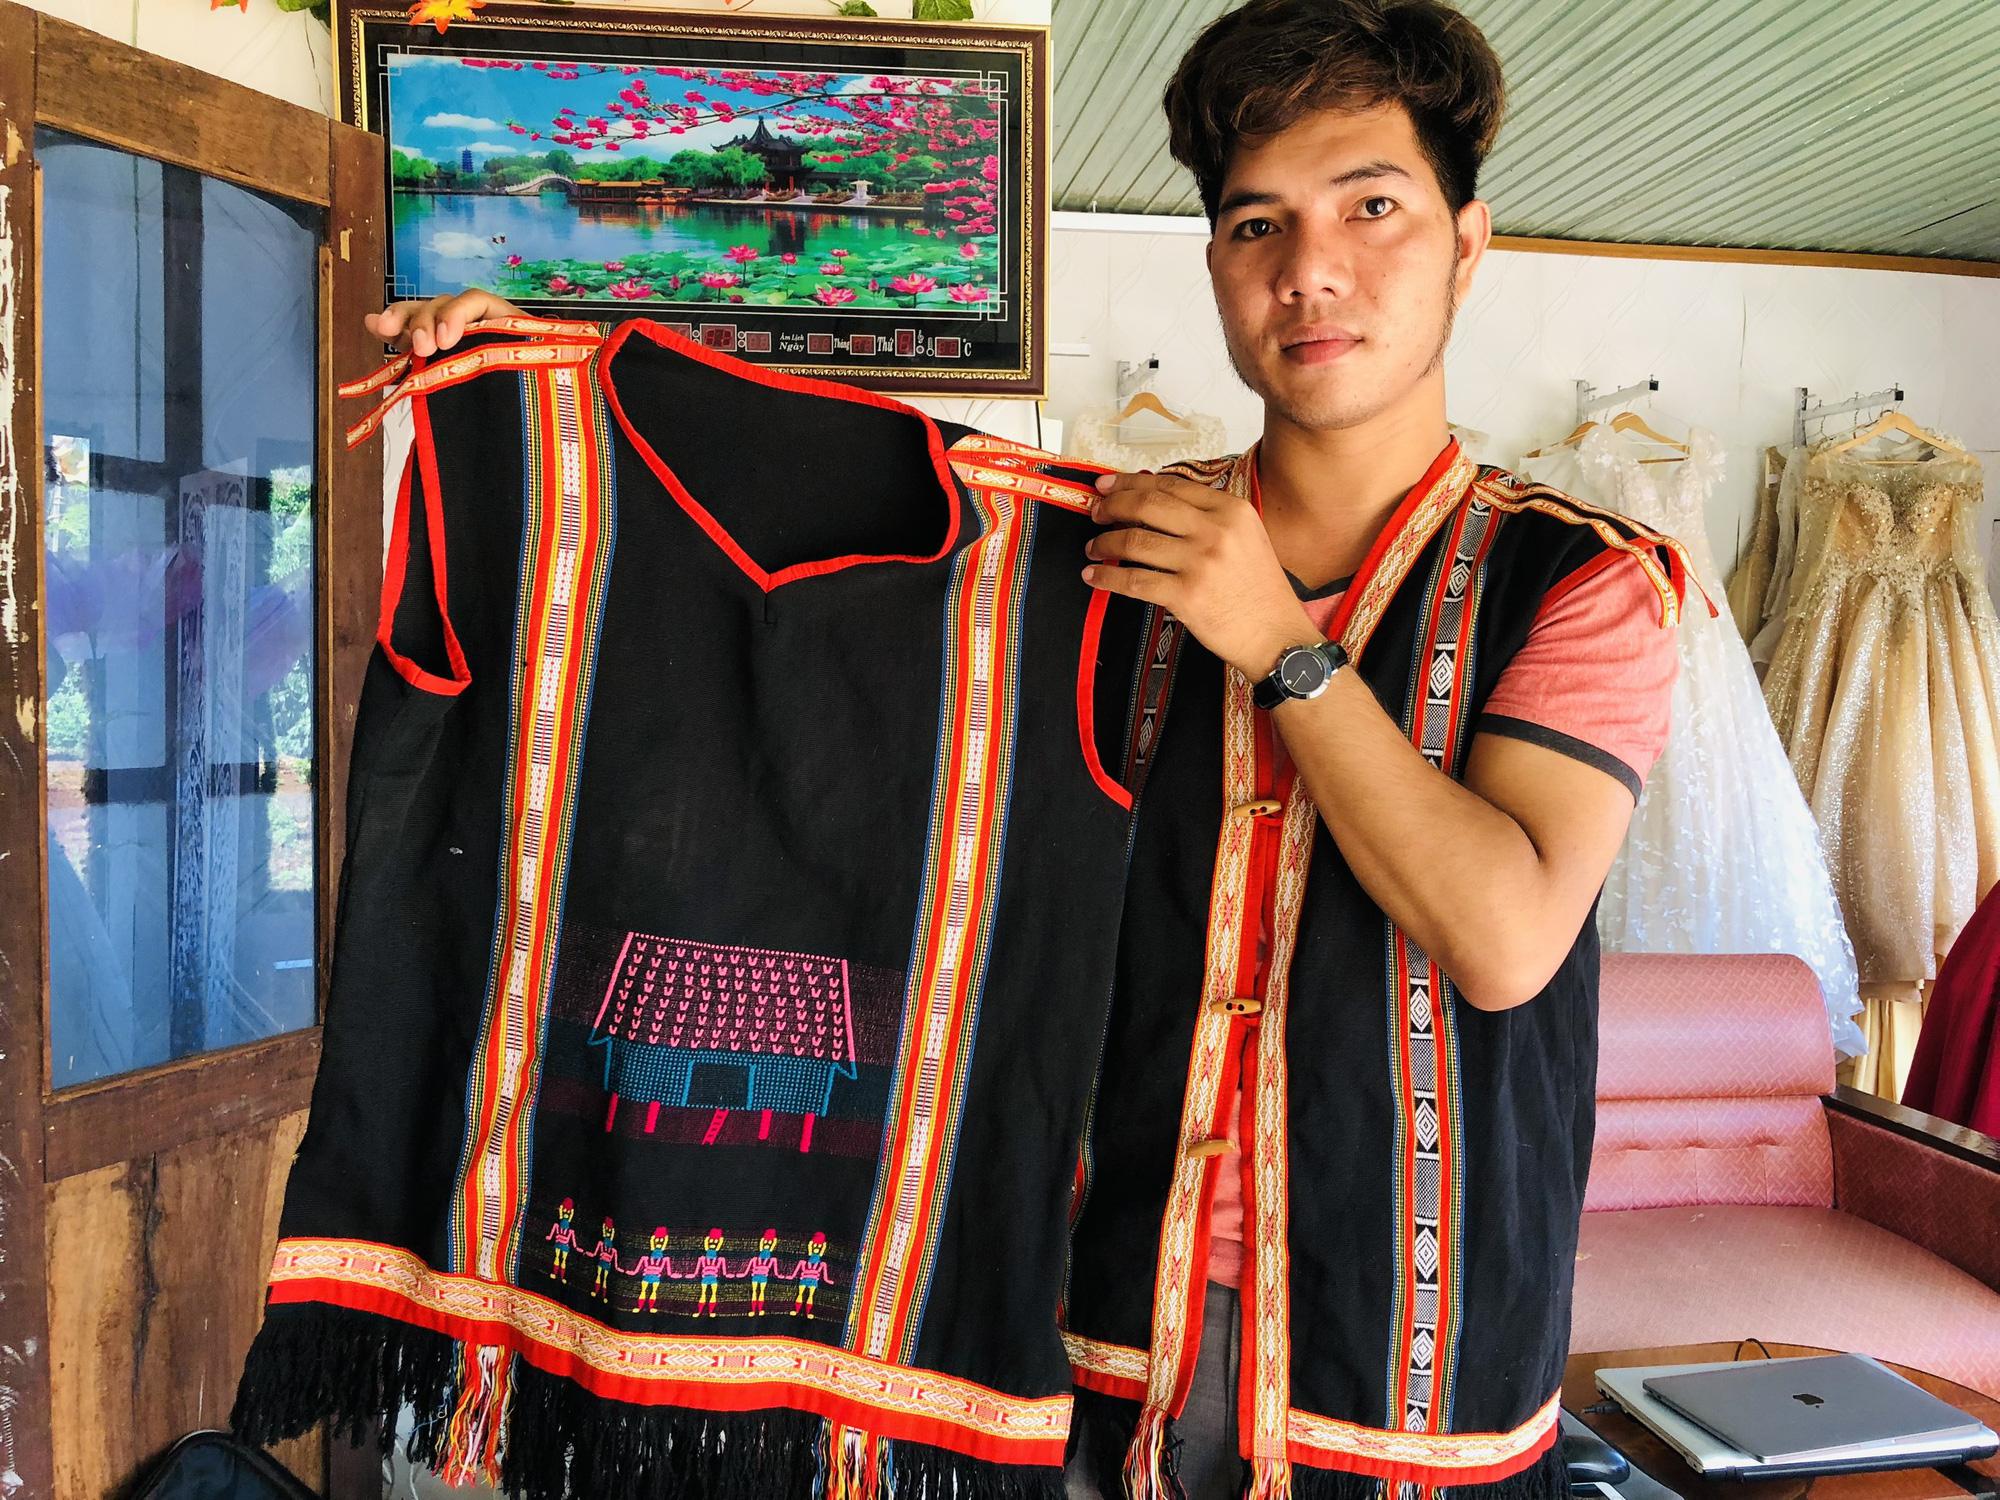 Gia Lai: Thầy giáo hotboy người Banar với khát vọng đưa sắc màu thổ cẩm vươn xa - Ảnh 2.